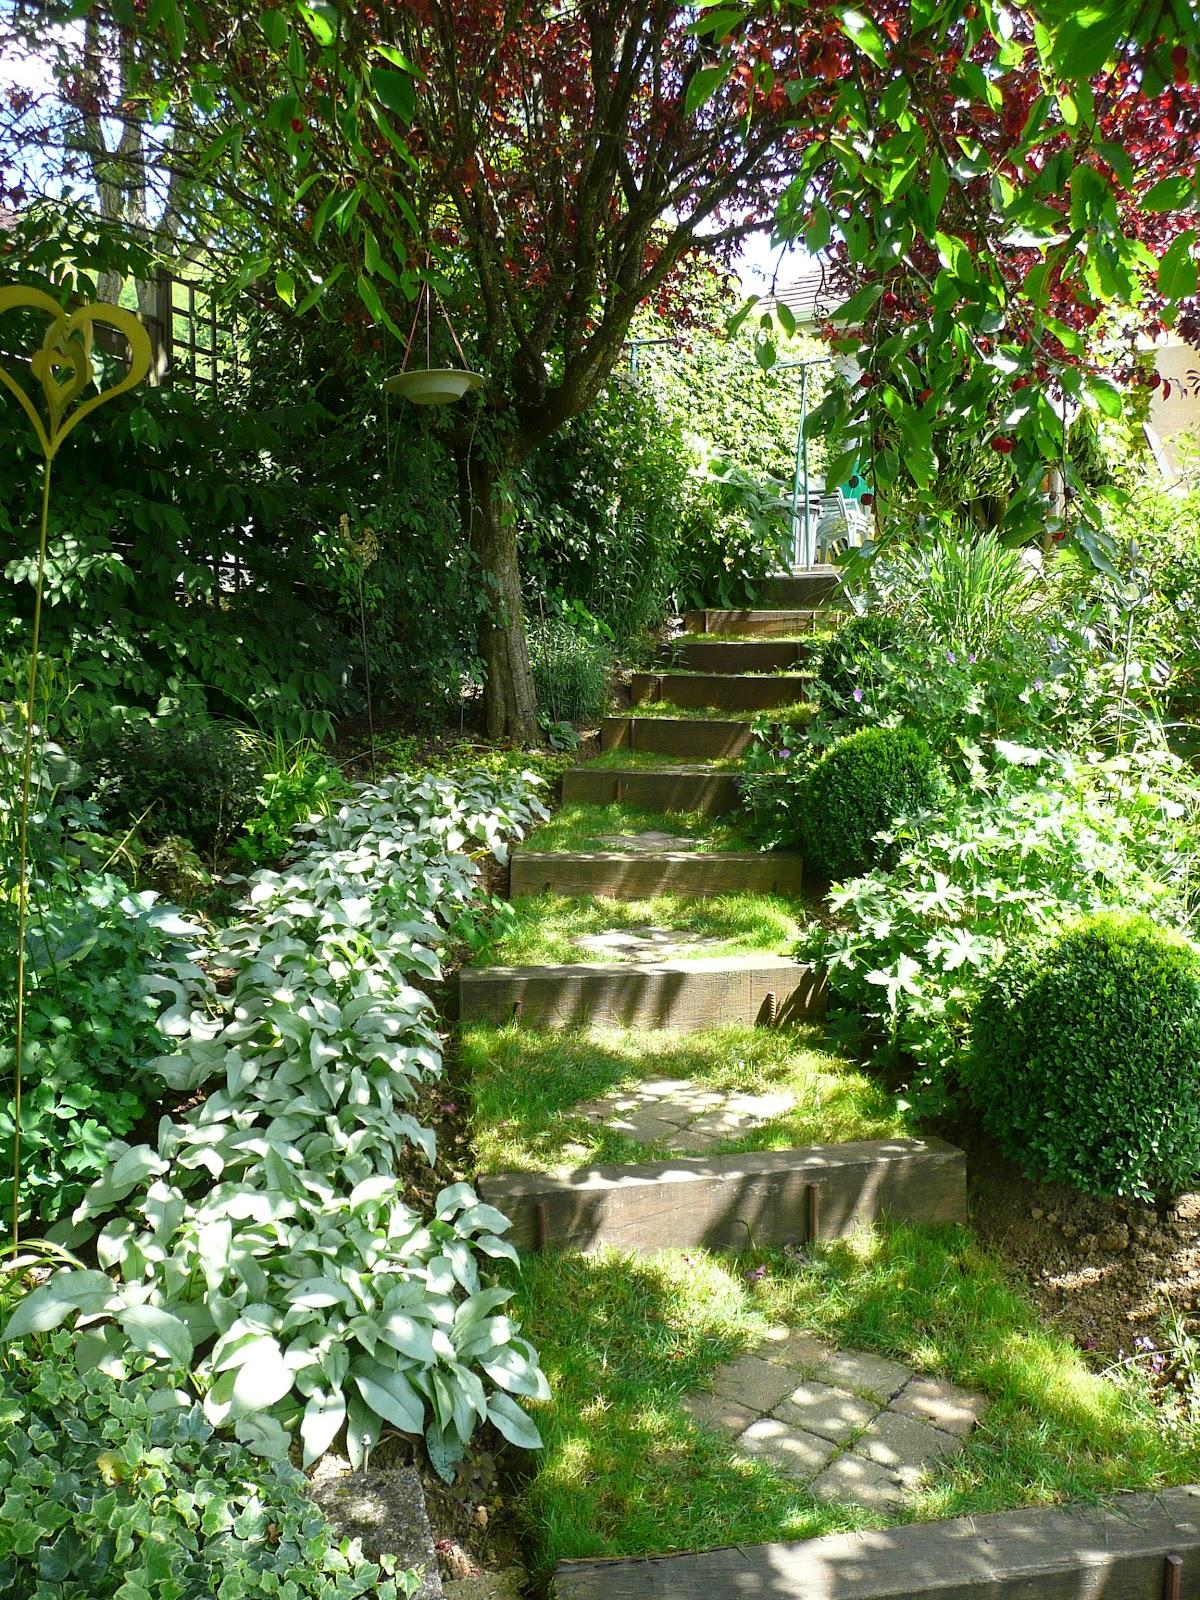 Notre jardin secret un week end en franche comt le jardin des grandes vignes - Le jardin des grandes vignes ...